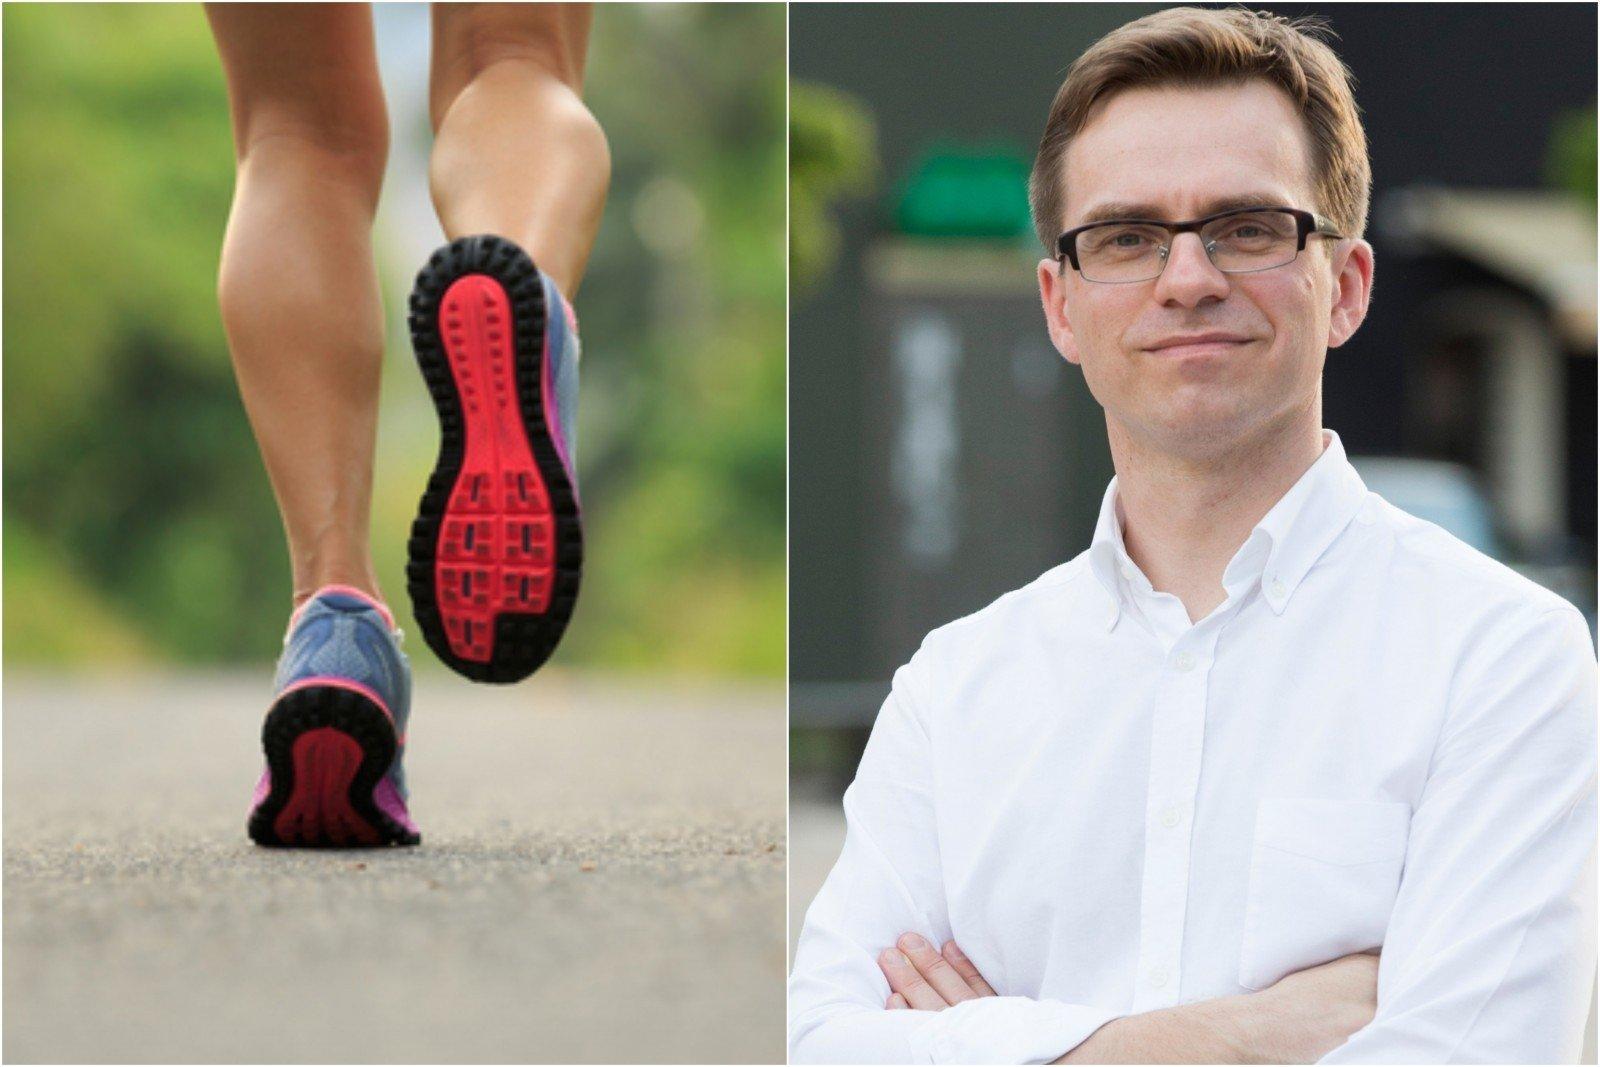 7 minutės bėgimo širdies sveikatai tiazidiniai diuretikai nuo hipertenzijos